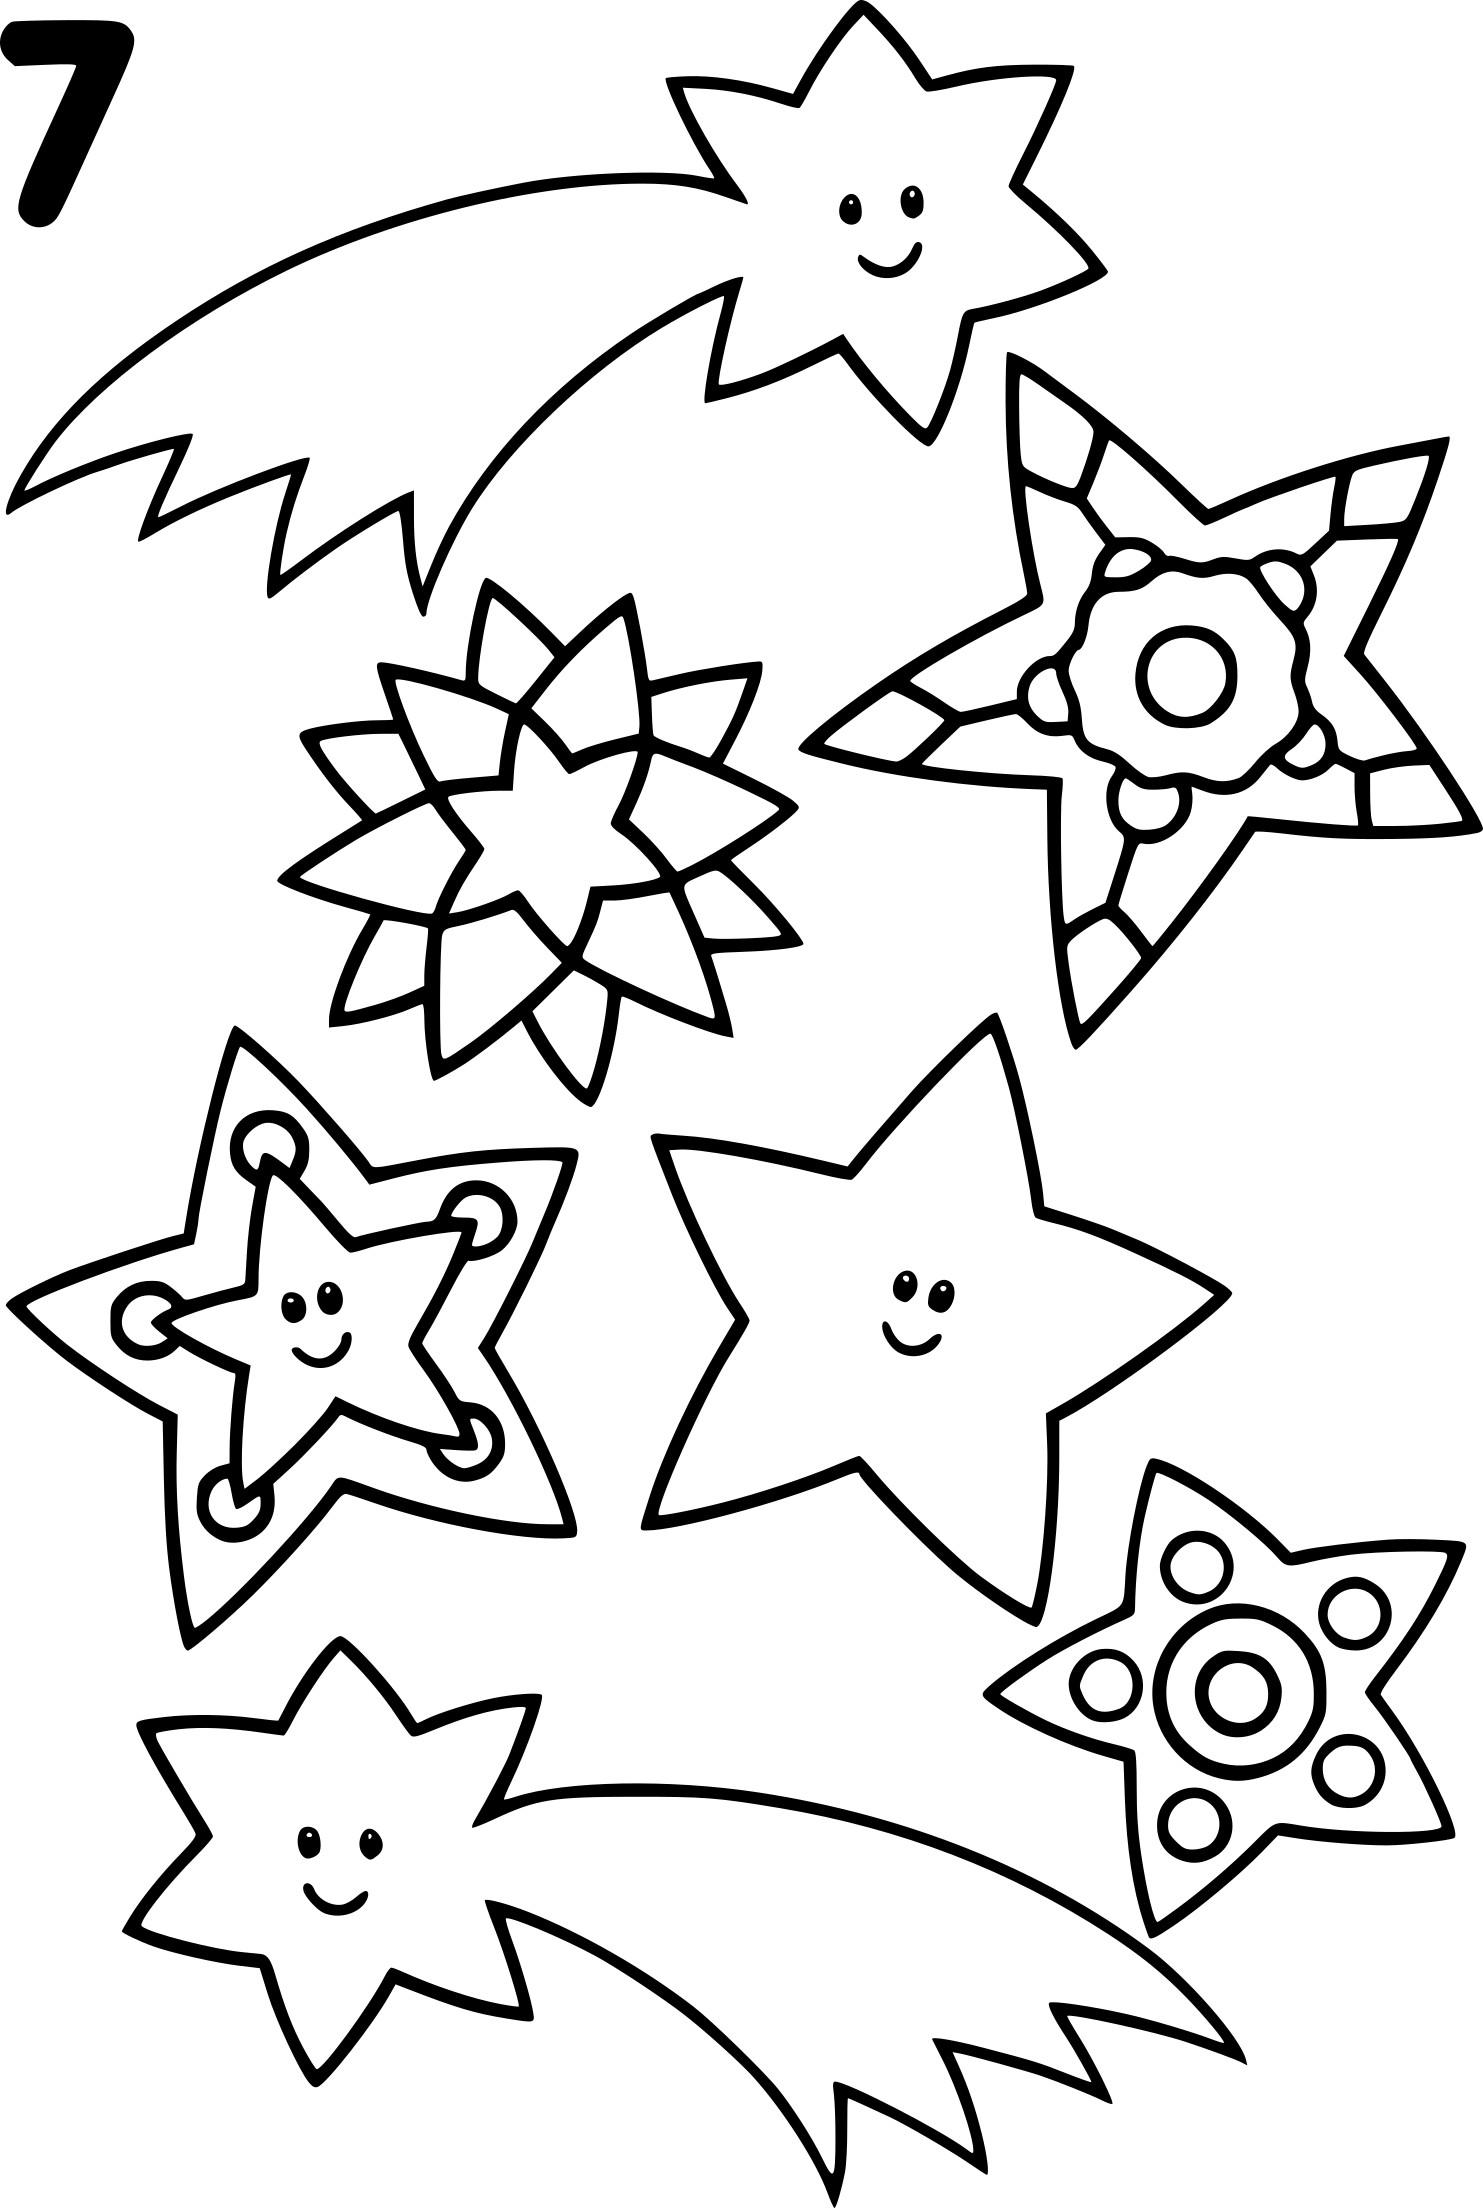 Coloriage Etoile filante et Noel à imprimer sur COLORIAGES .info